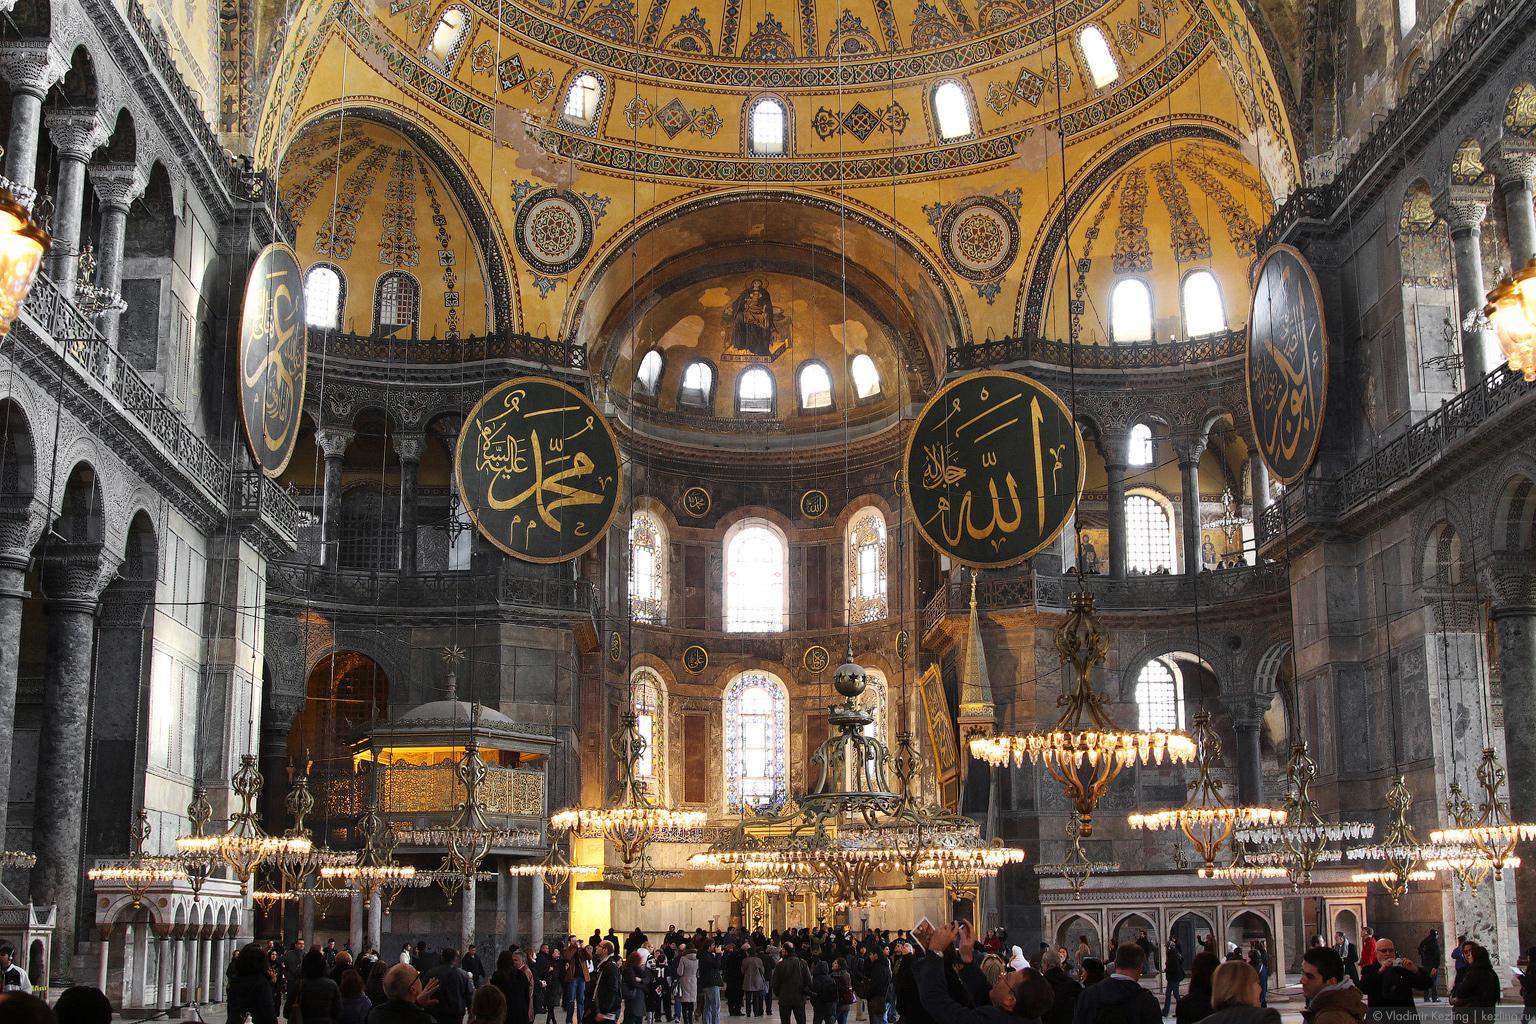 Стамбул религиозный: Айя-София и Голубая мечеть